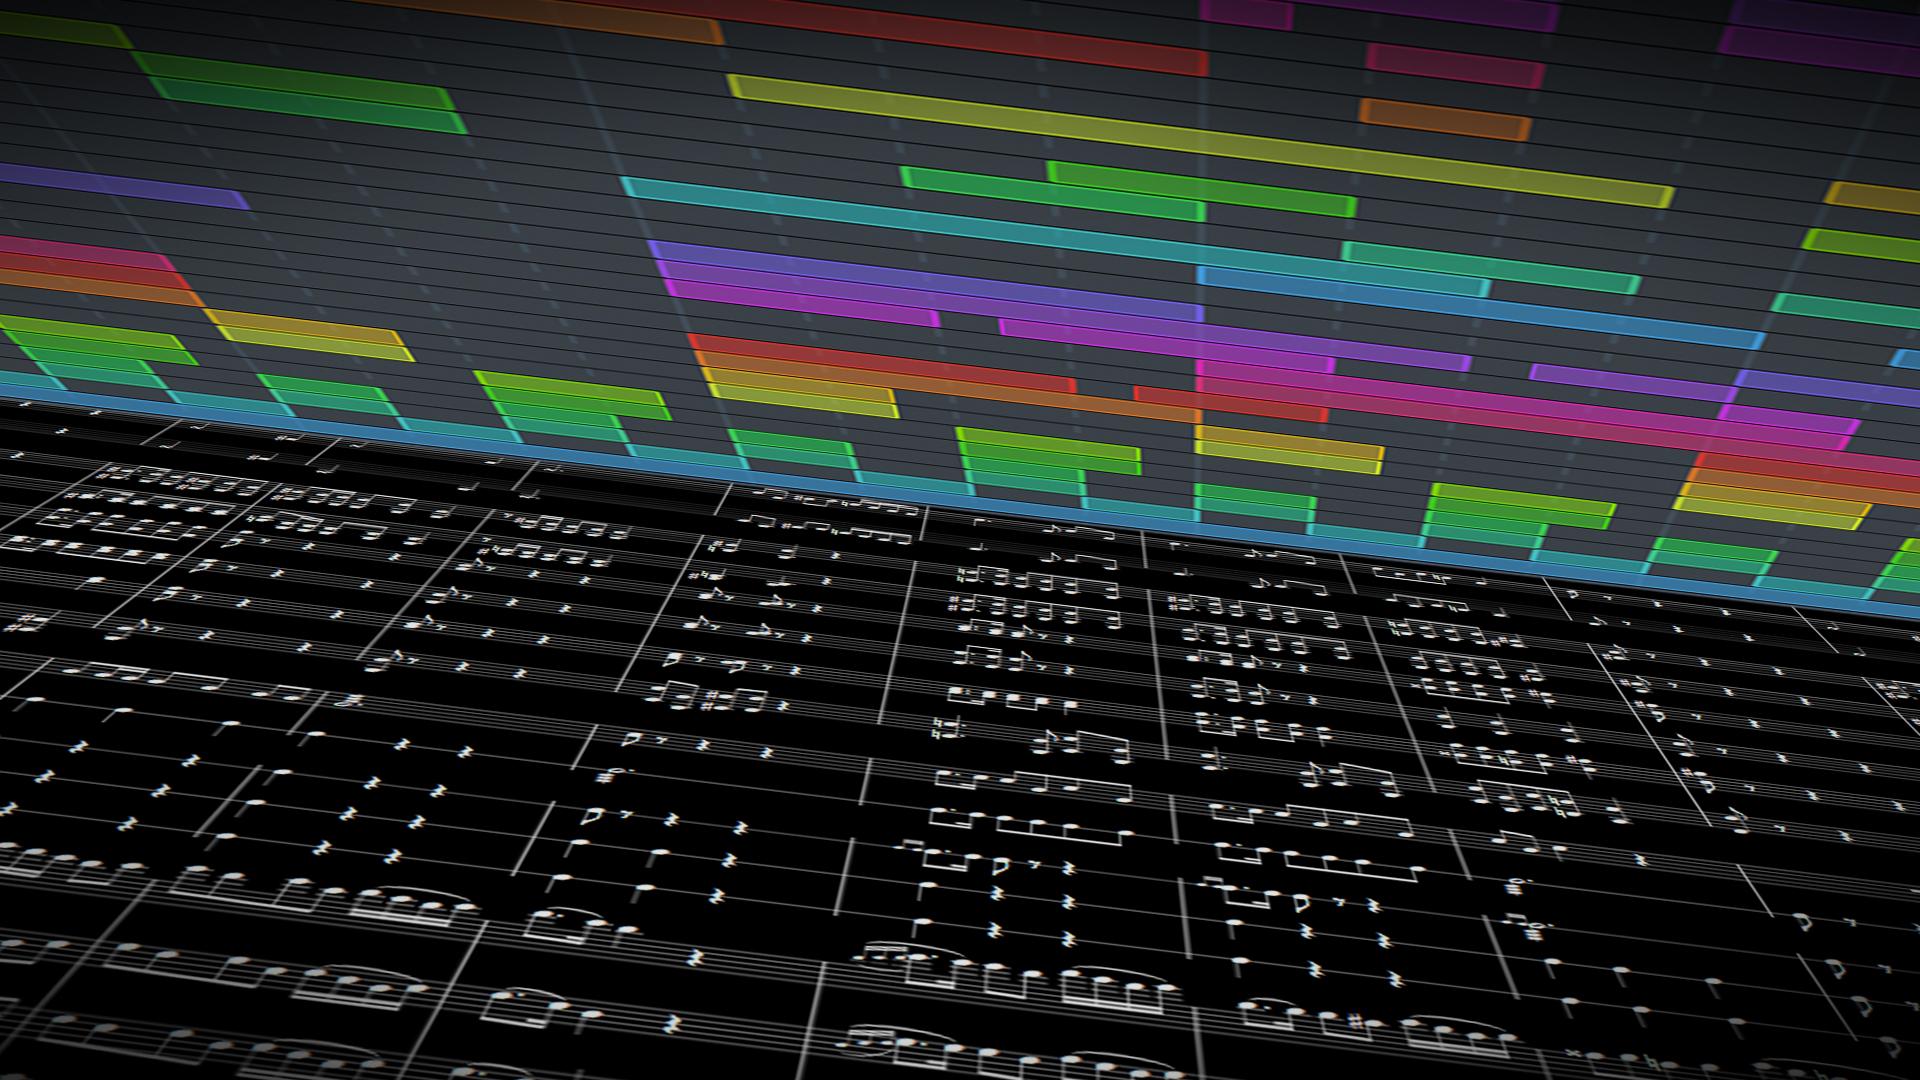 Notationsworkshop mit dem Programm Dorico von der Firma Steinberg